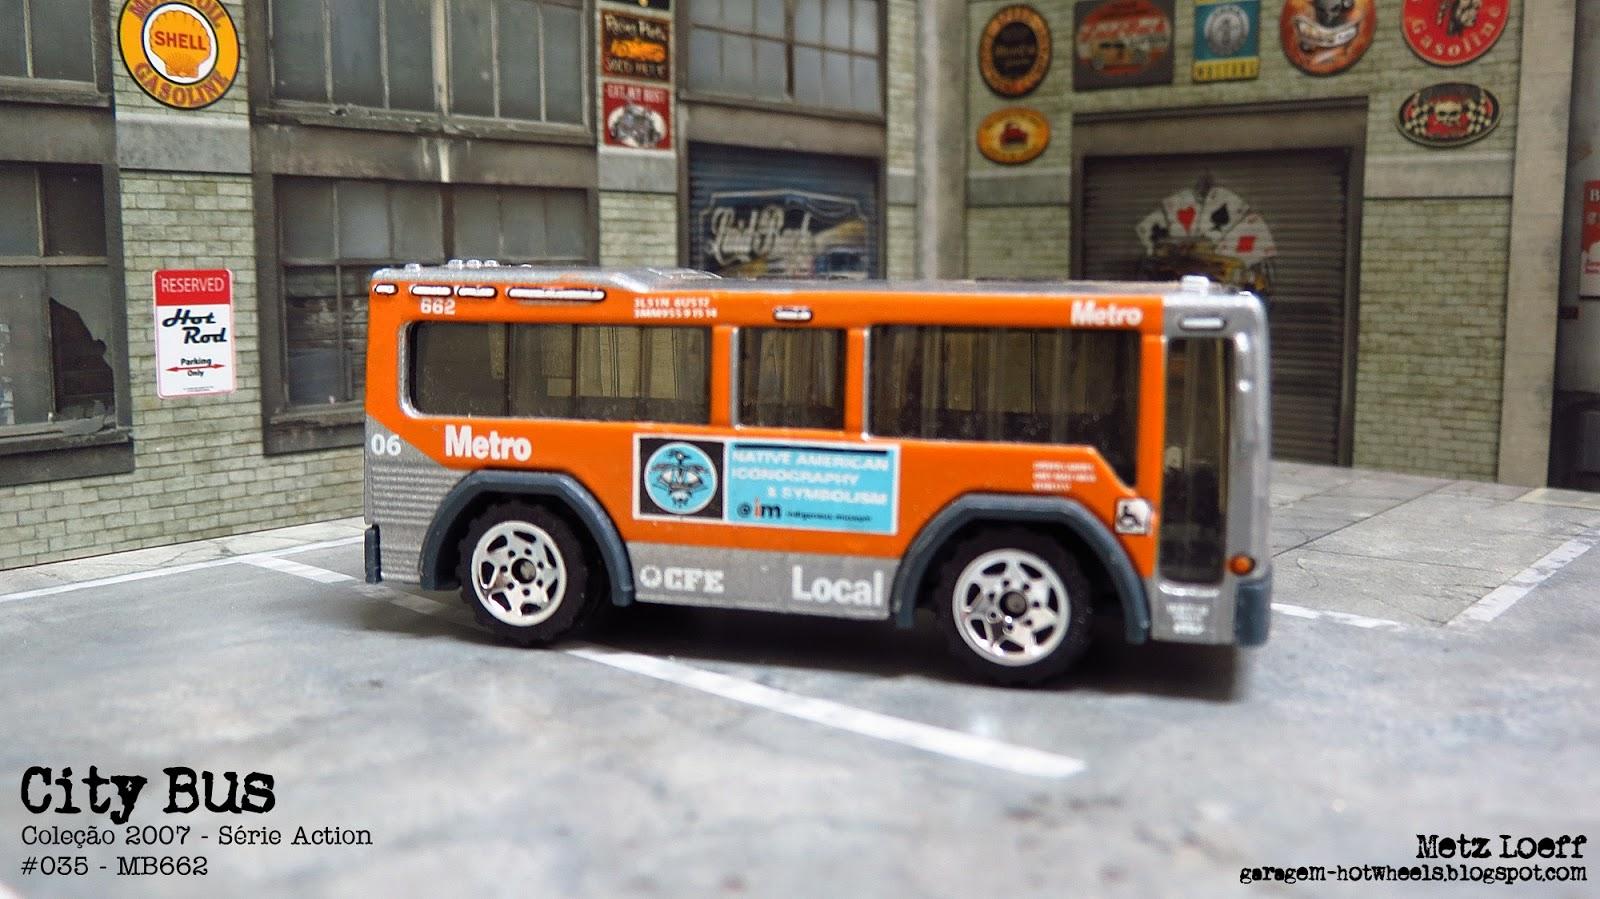 Garagem Hot Wheels Matchbox City Bus